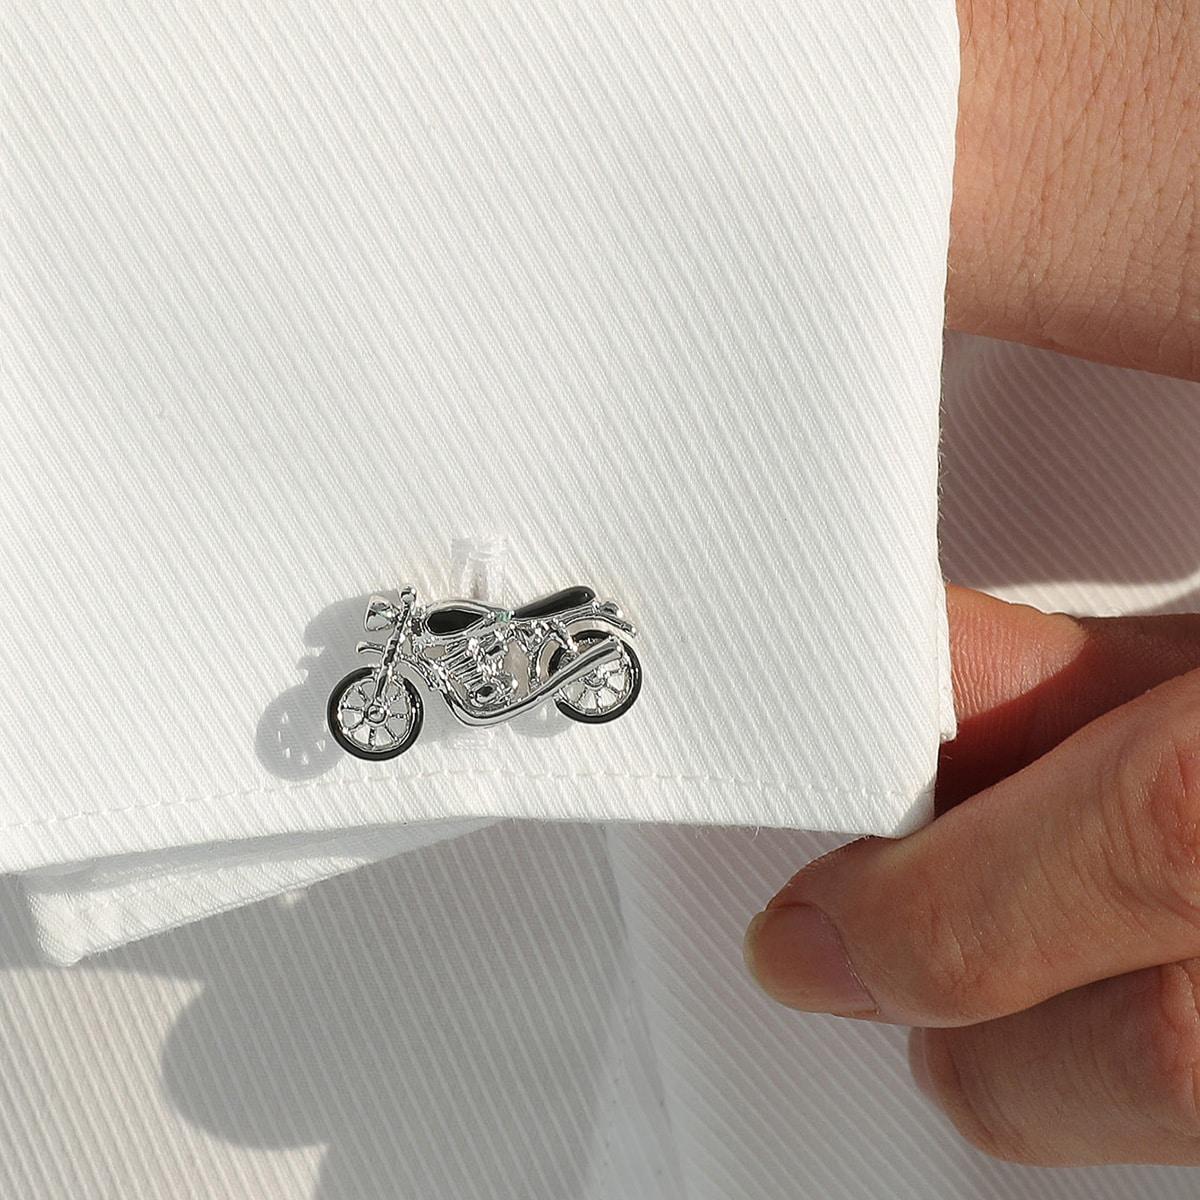 Männer Manschettenknöpfen mit Motorrad Design